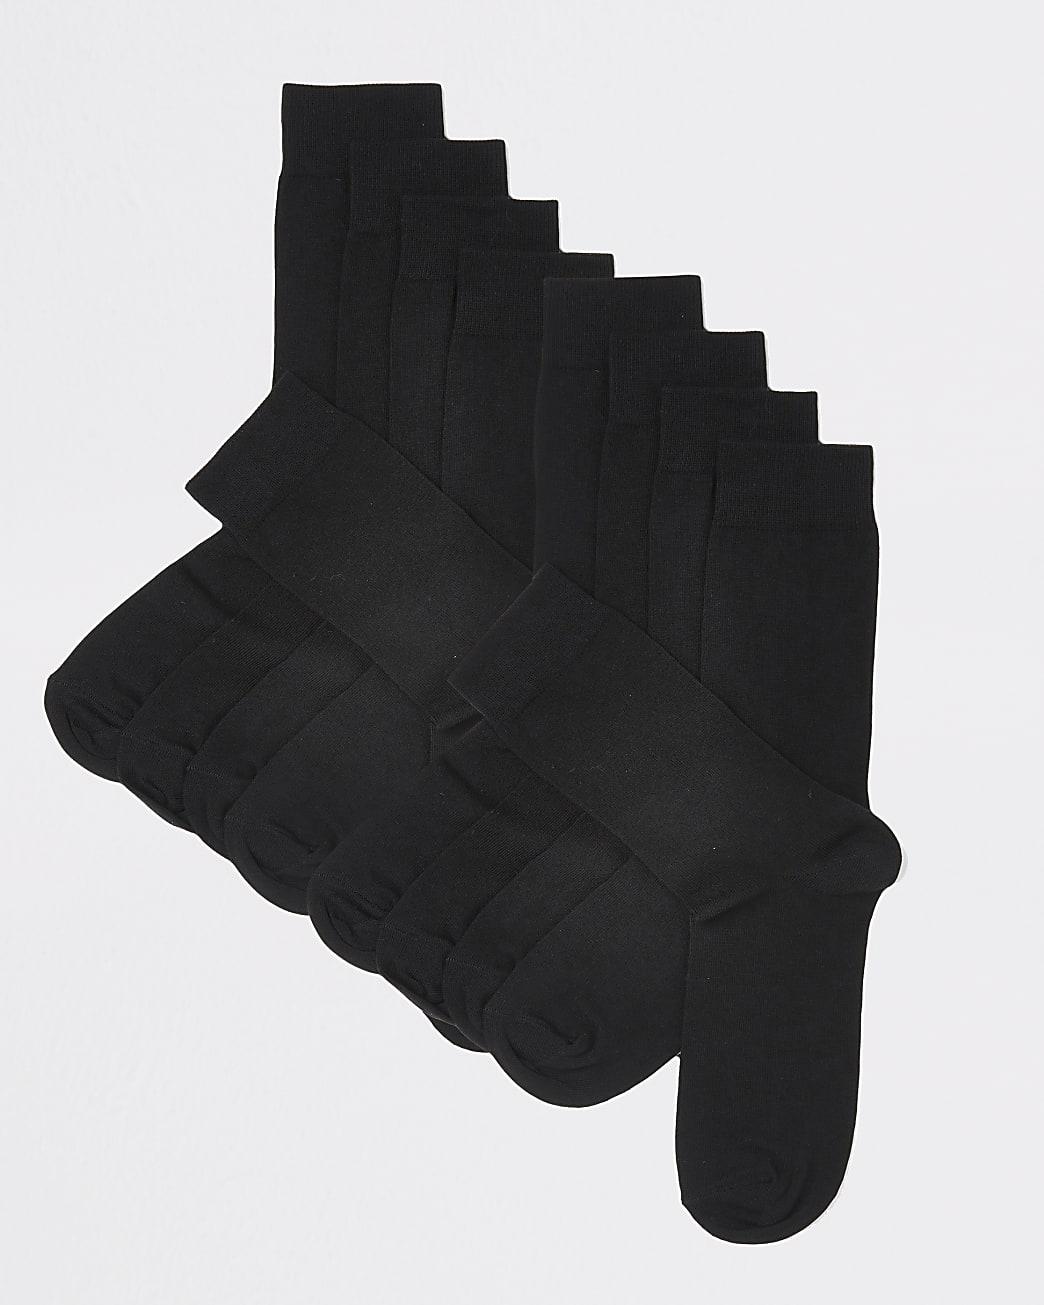 Black plain ankle socks 10 pack